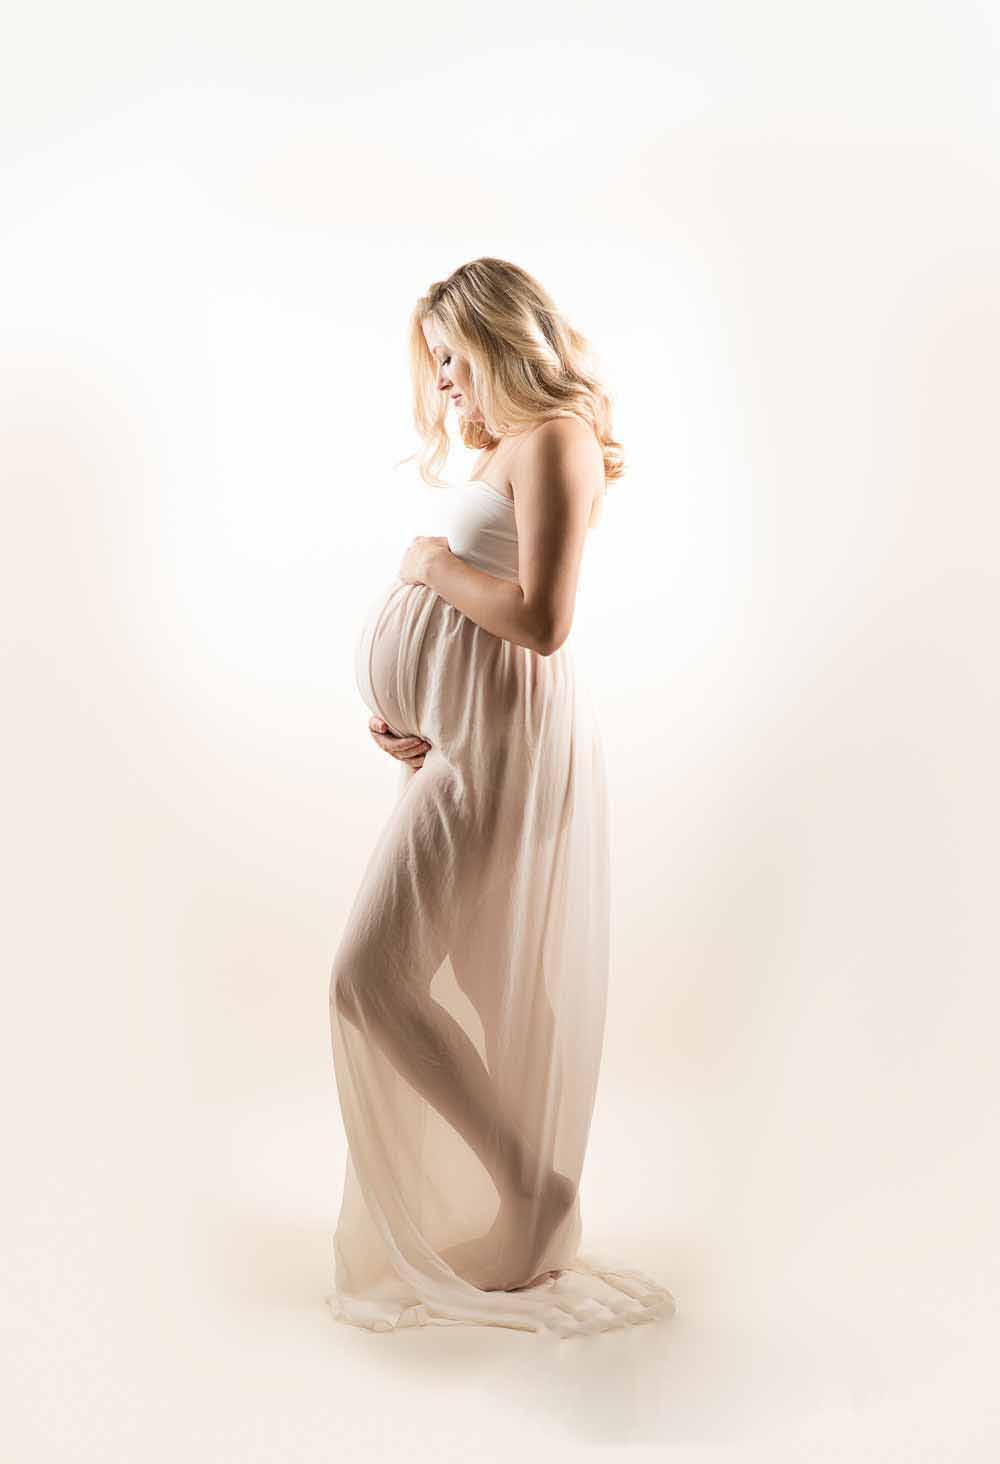 At forevige din graviditet med smukke billeder af maven